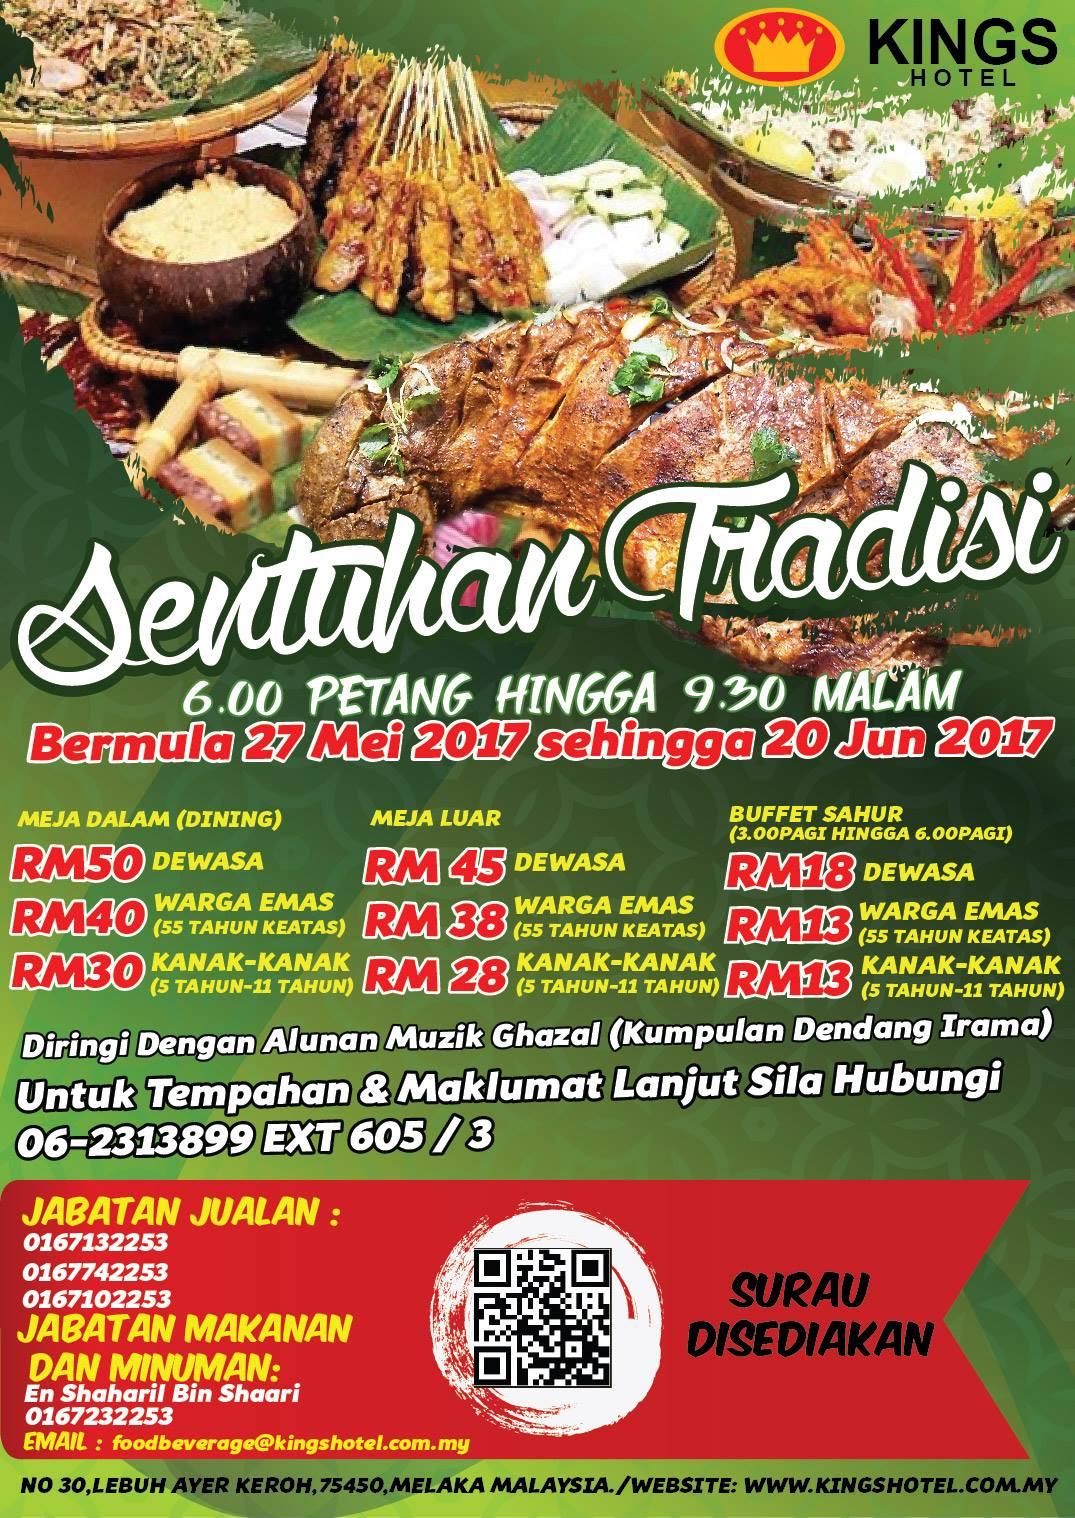 Buffet Ramadhan kings hotel Melaka